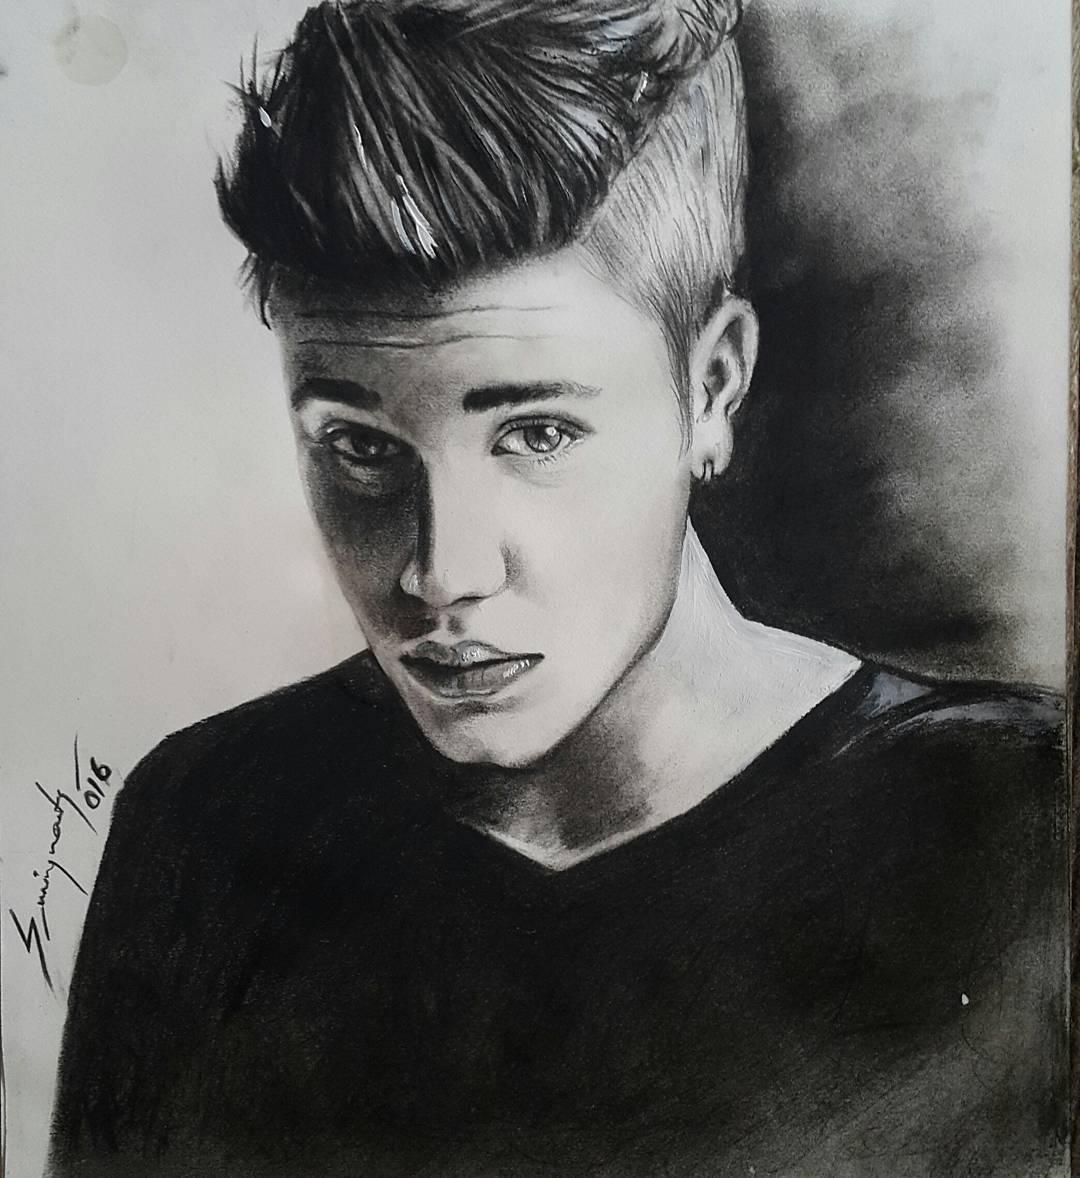 Justin Bieber Portrait Drawing, Tattoo Artist in Nepal